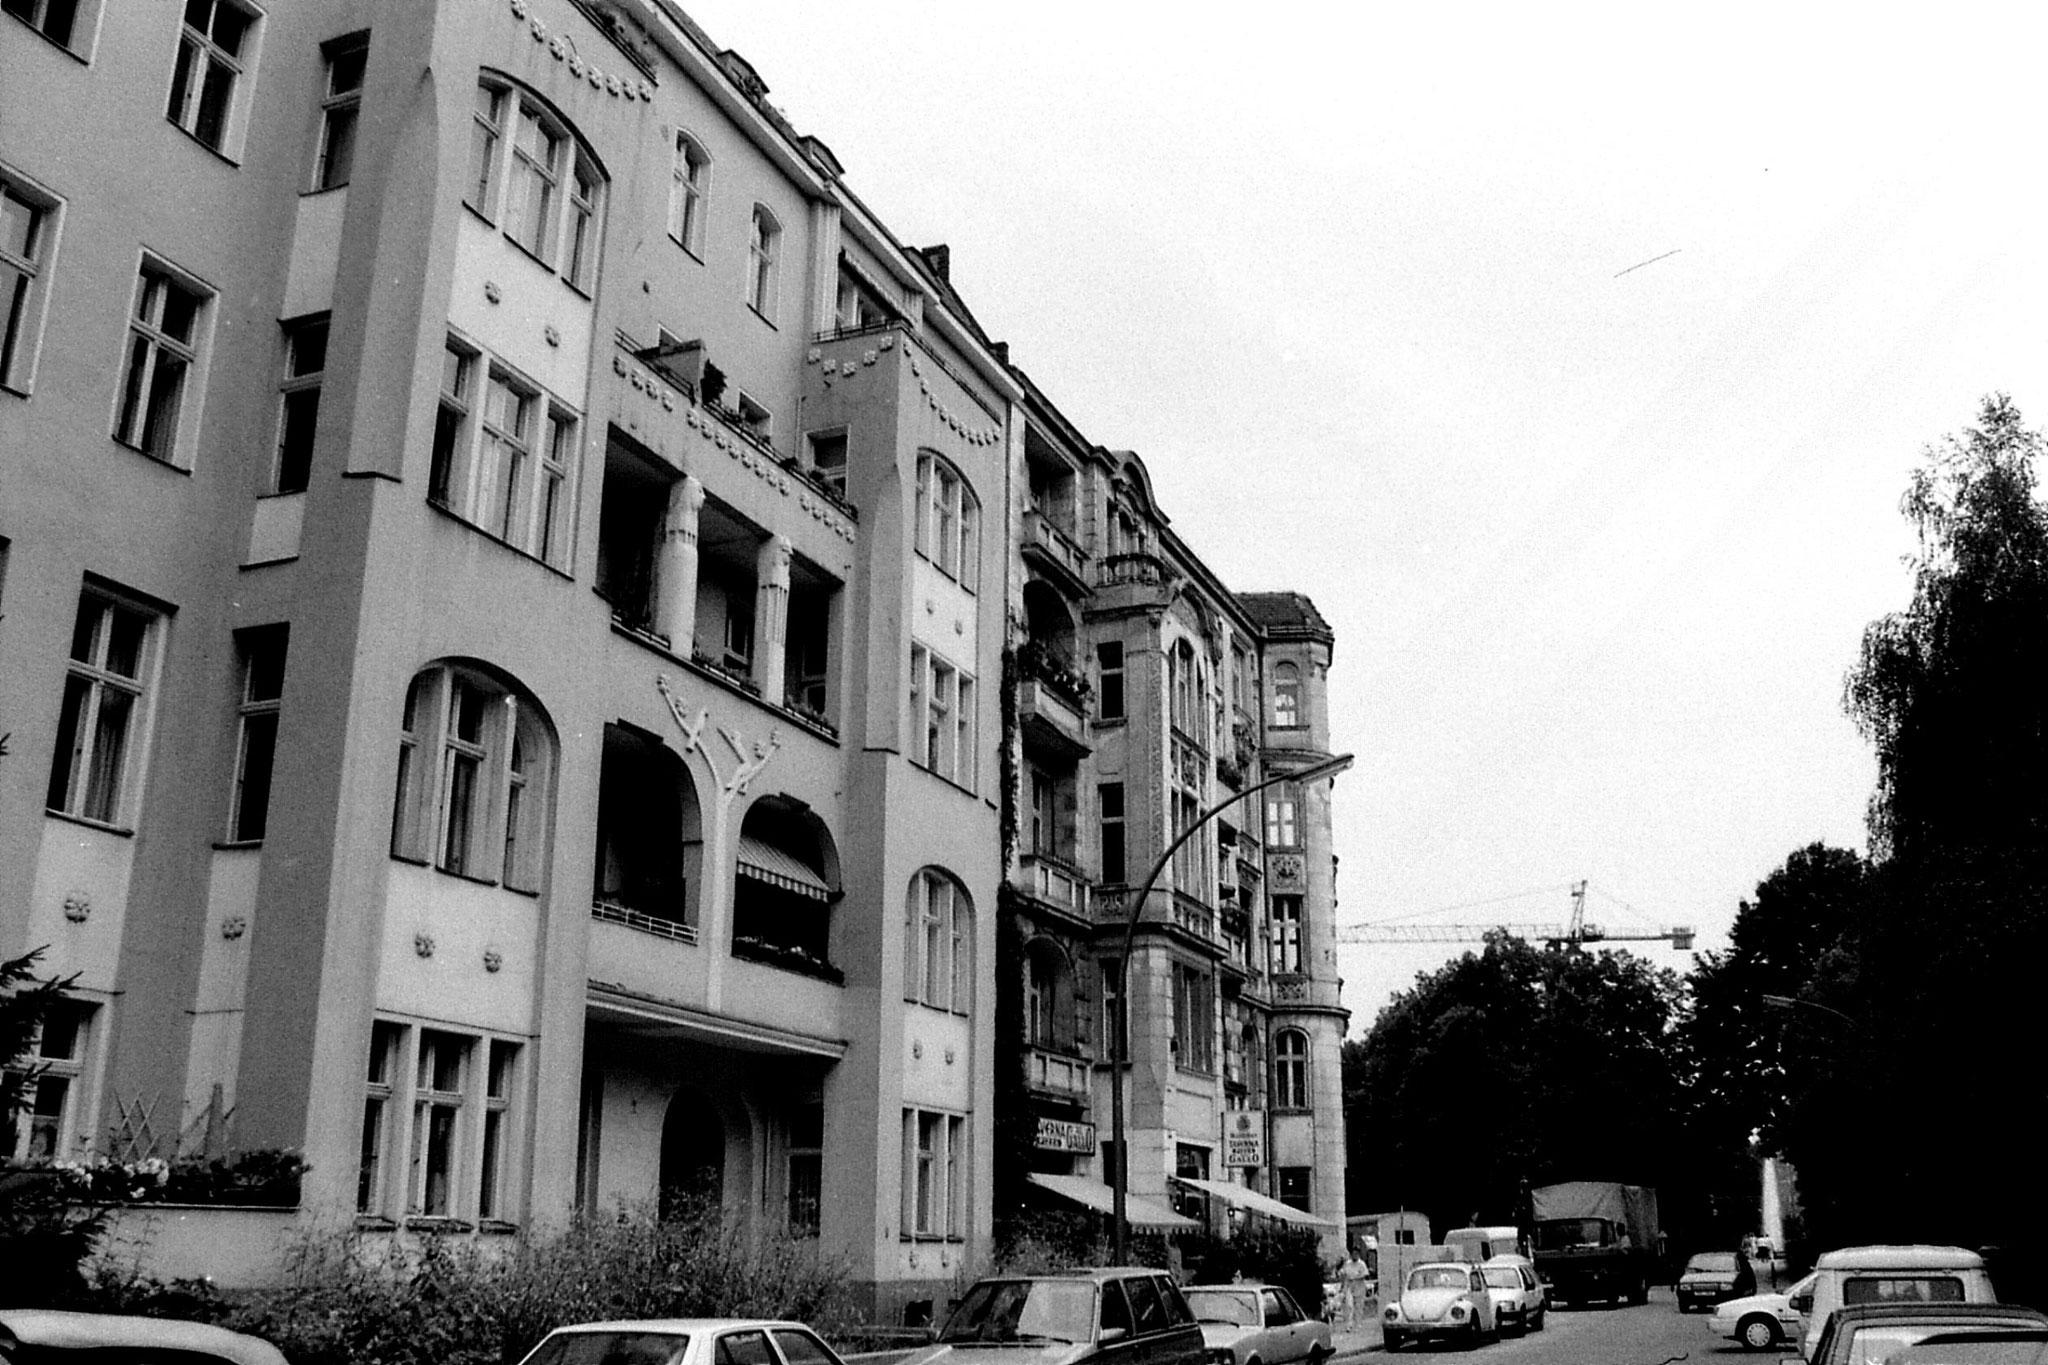 18/8/88: 3: Arndt home Berlin